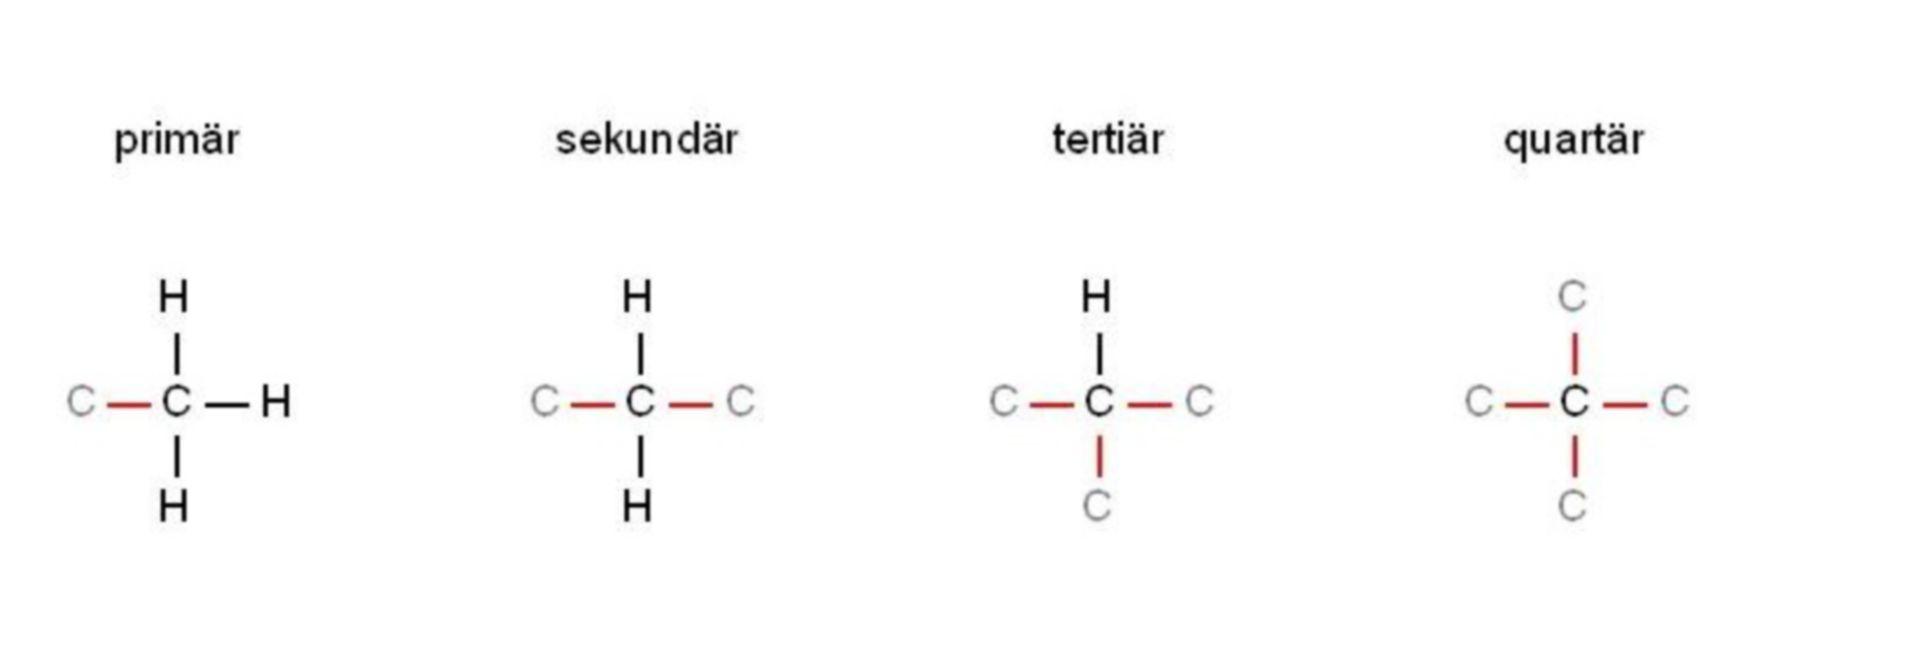 Alcheni classificazione